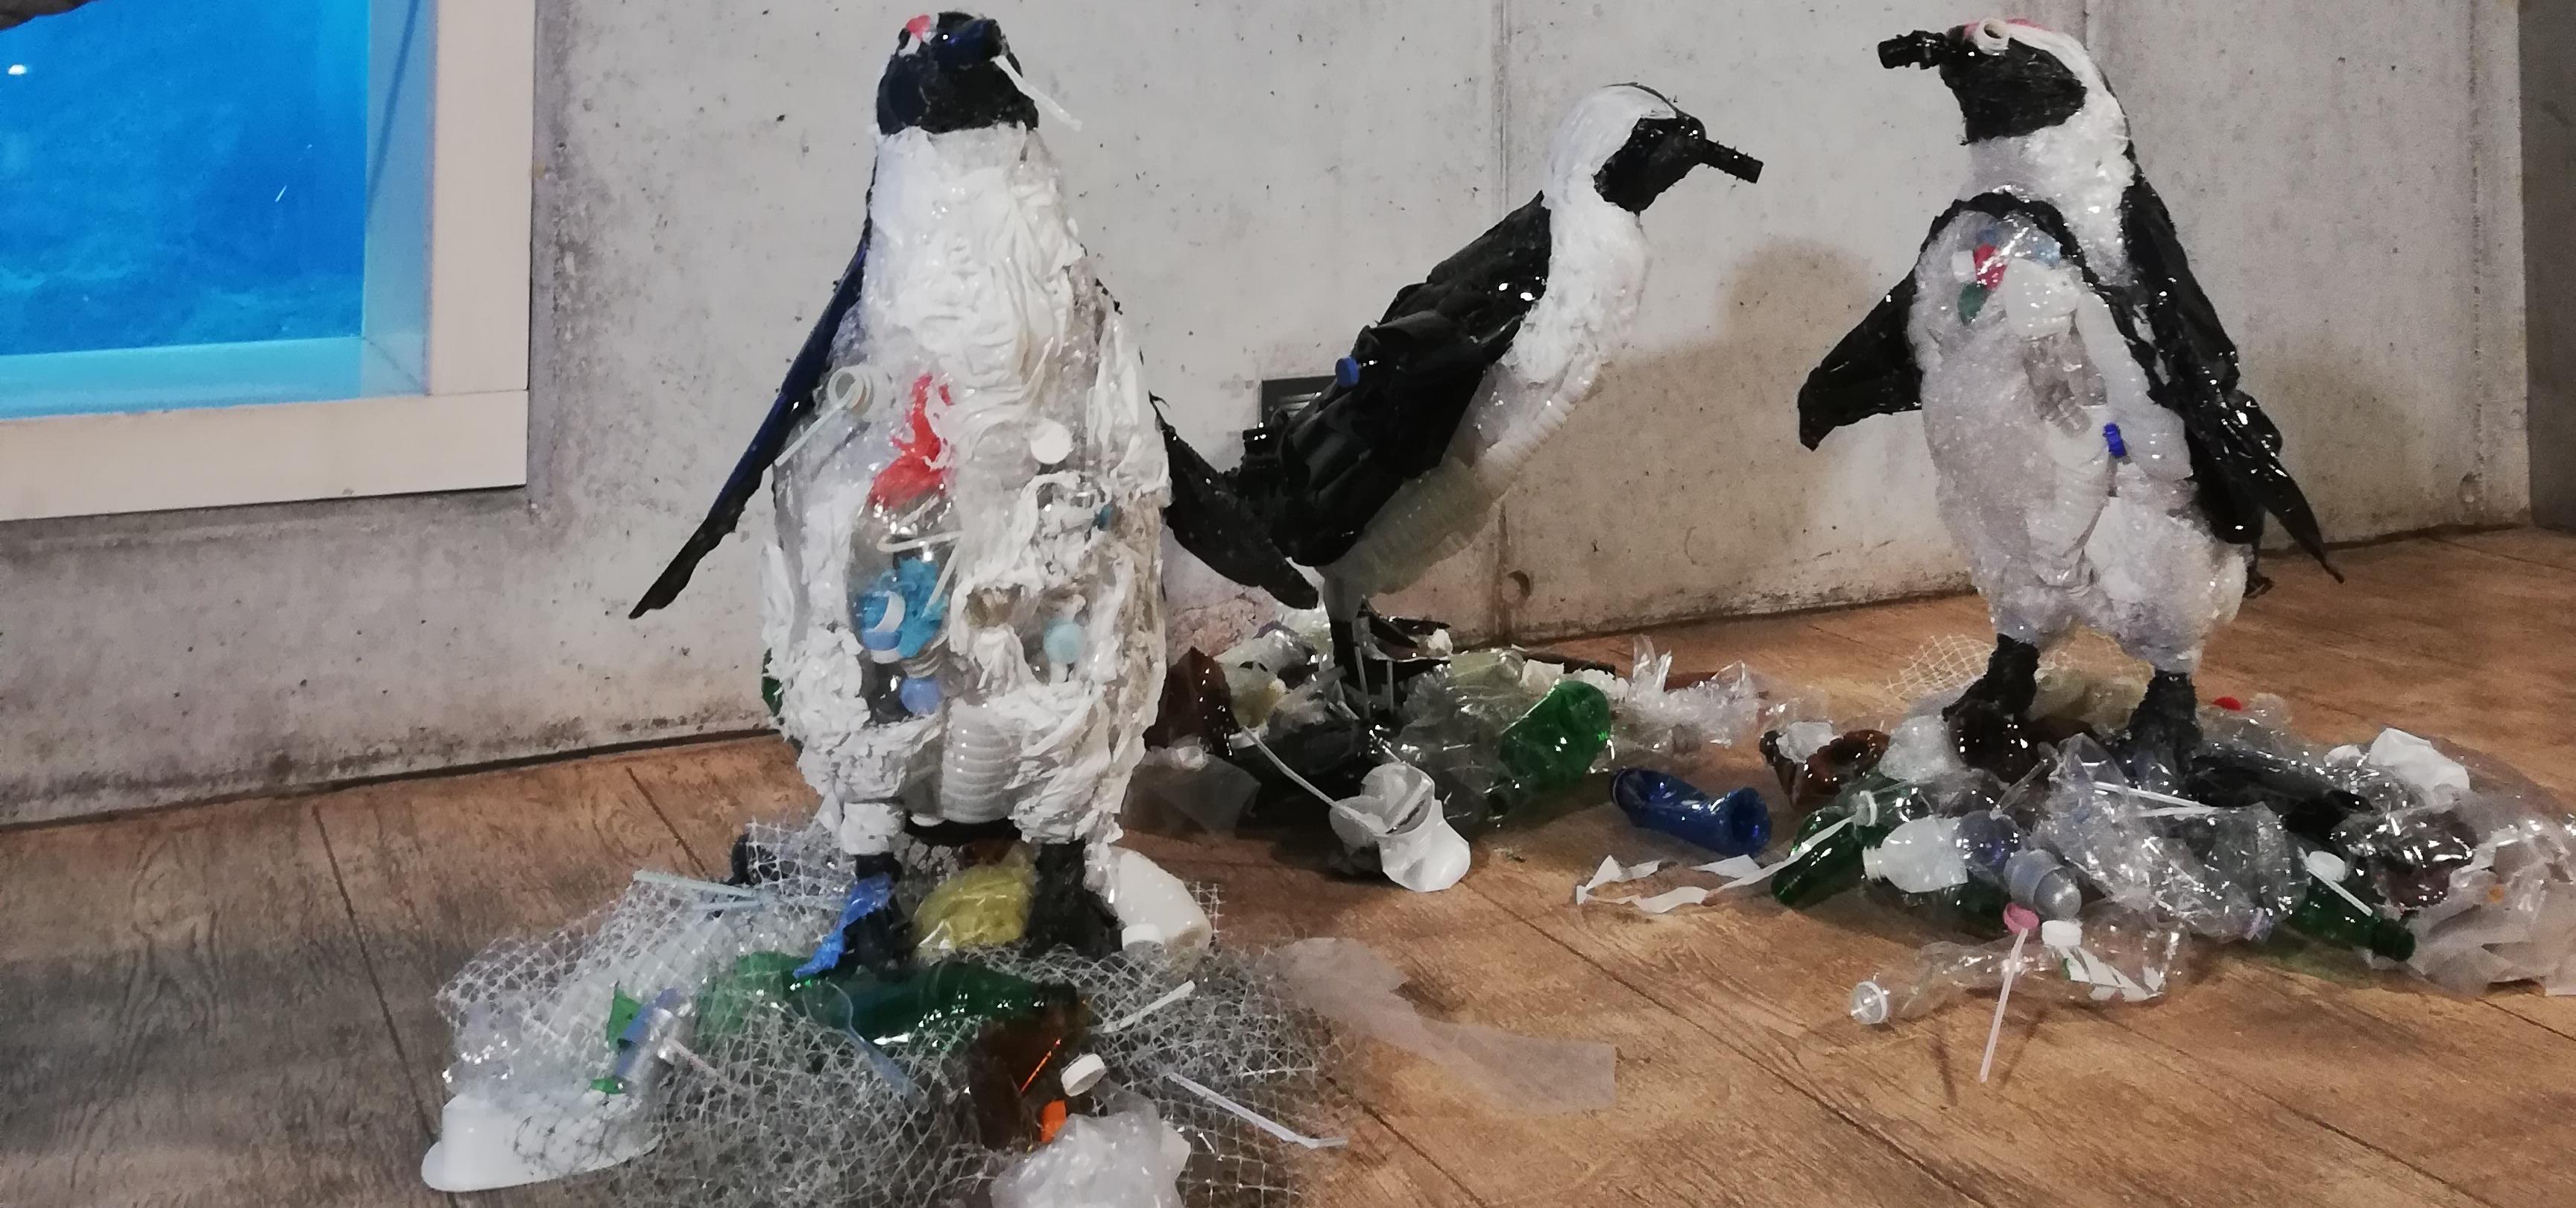 Planeta albo plastik? We wrocławskim ZOO na własne oczy możesz zobaczyć, jaki los czeka niewinne zwierzęta, jeśli nie zaczniemy działać